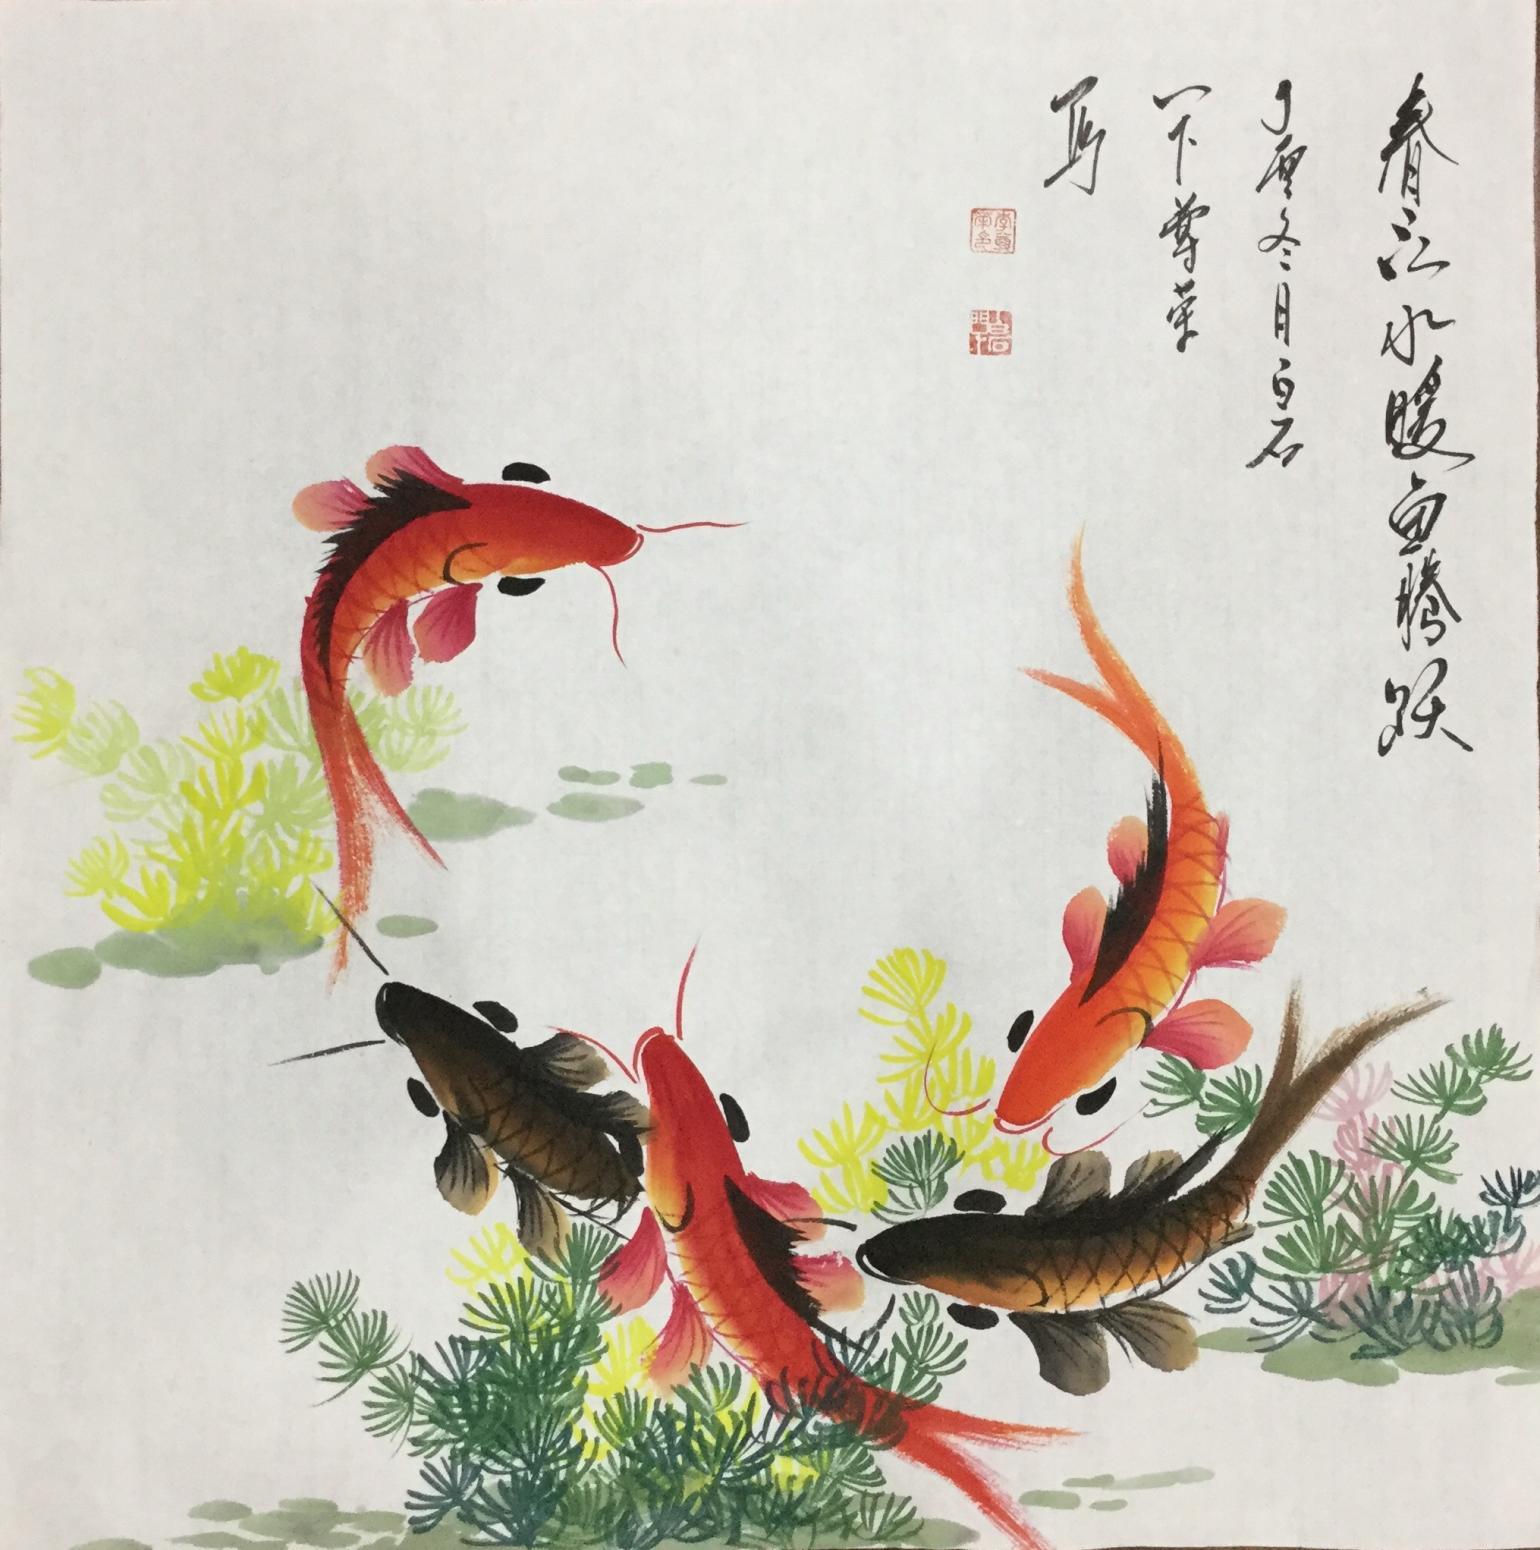 李尊荣国画作品《春江水暖鱼腾越》